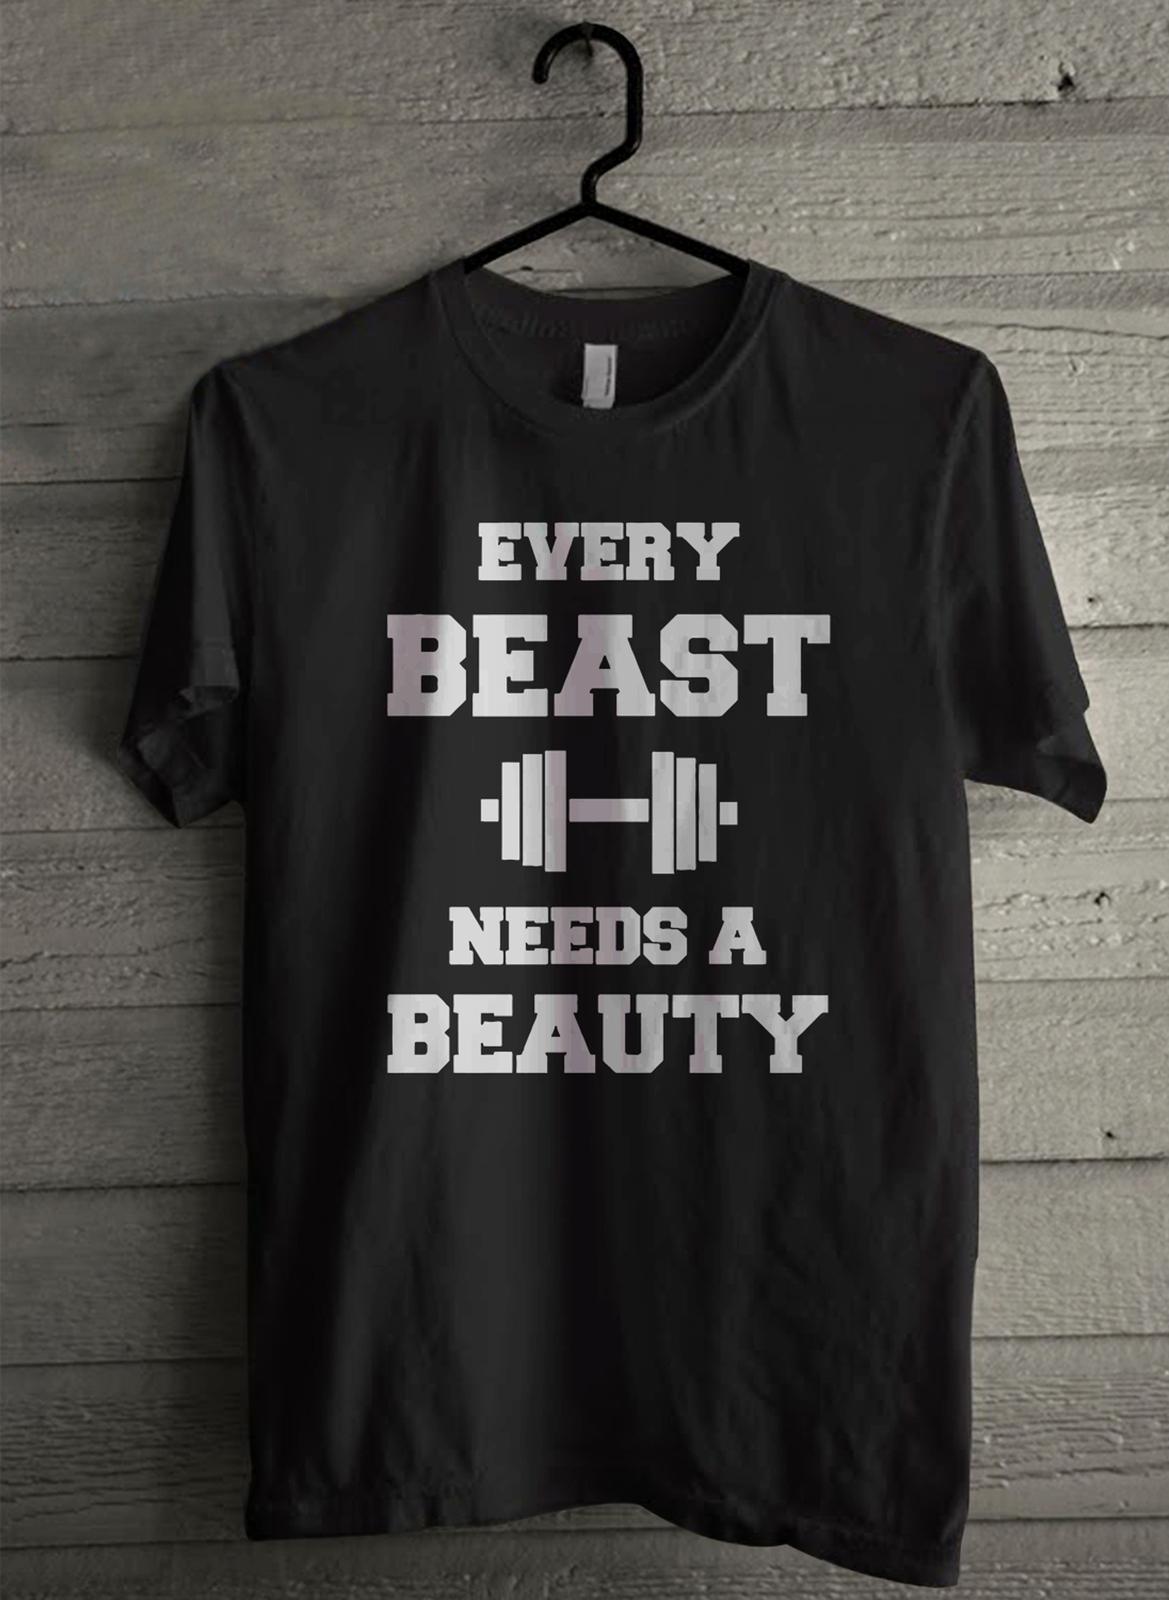 Every Beauty Needs a Beast Men's T-Shirt - Custom (263)